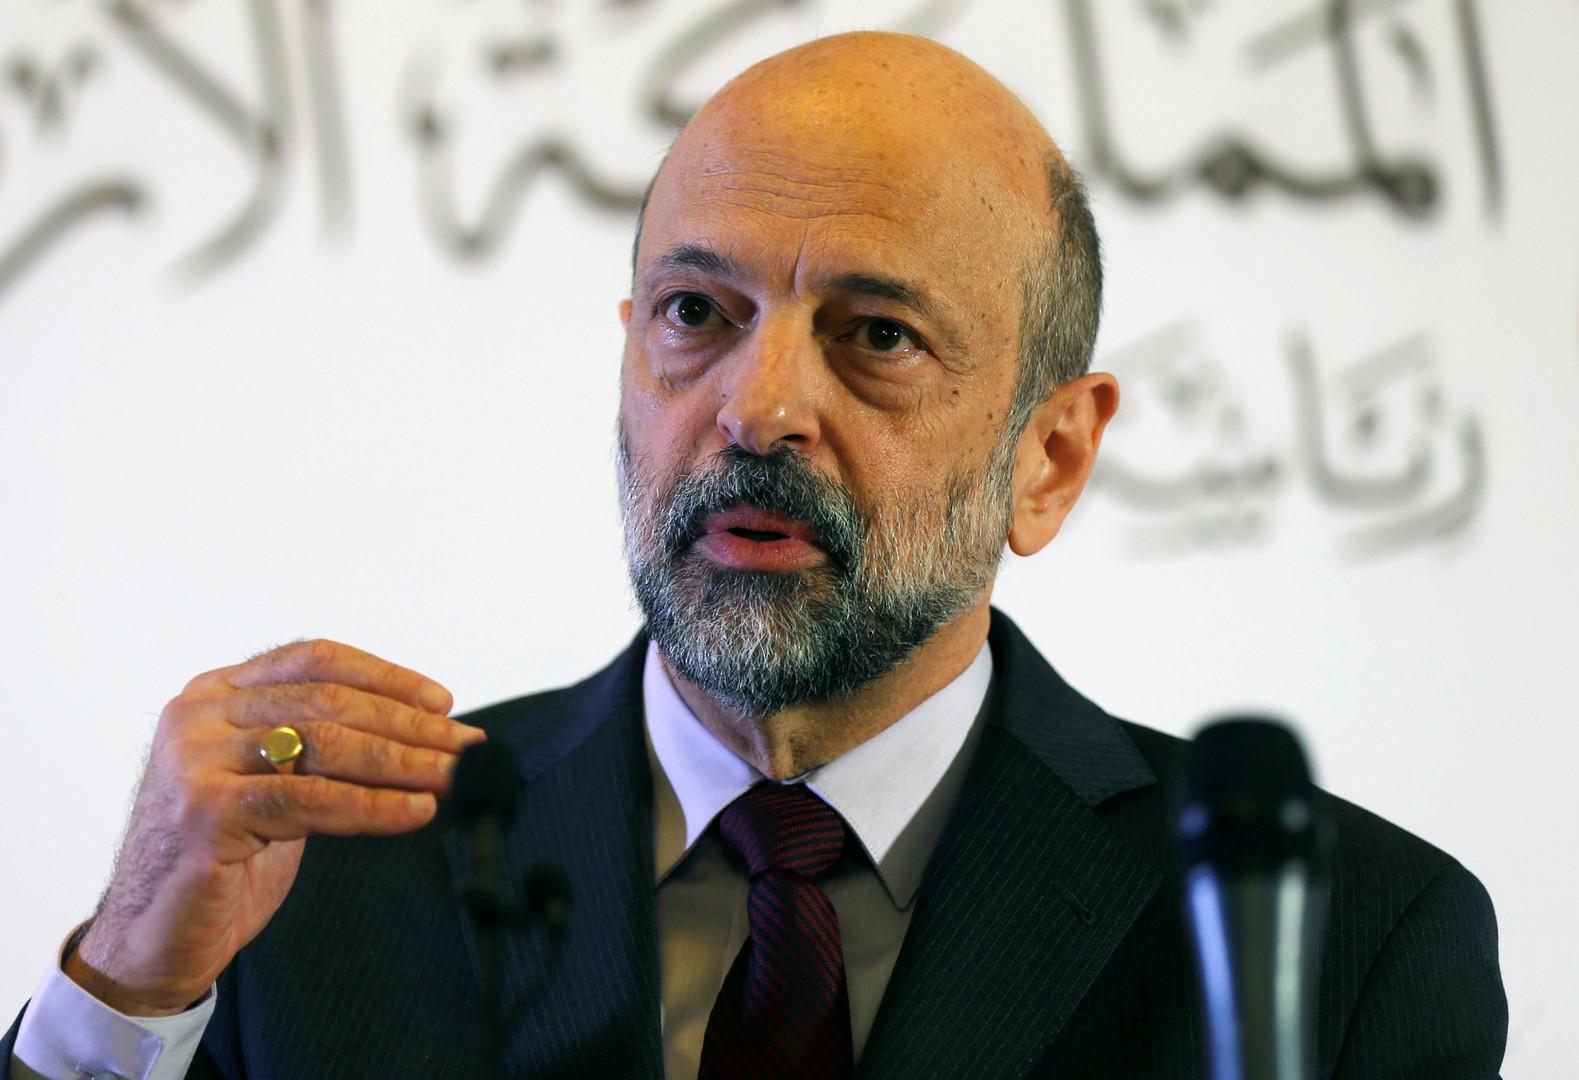 الوزراء الأردنيون يقدمون استقالتهم تمهيدا لإجراء تعديل وزاري